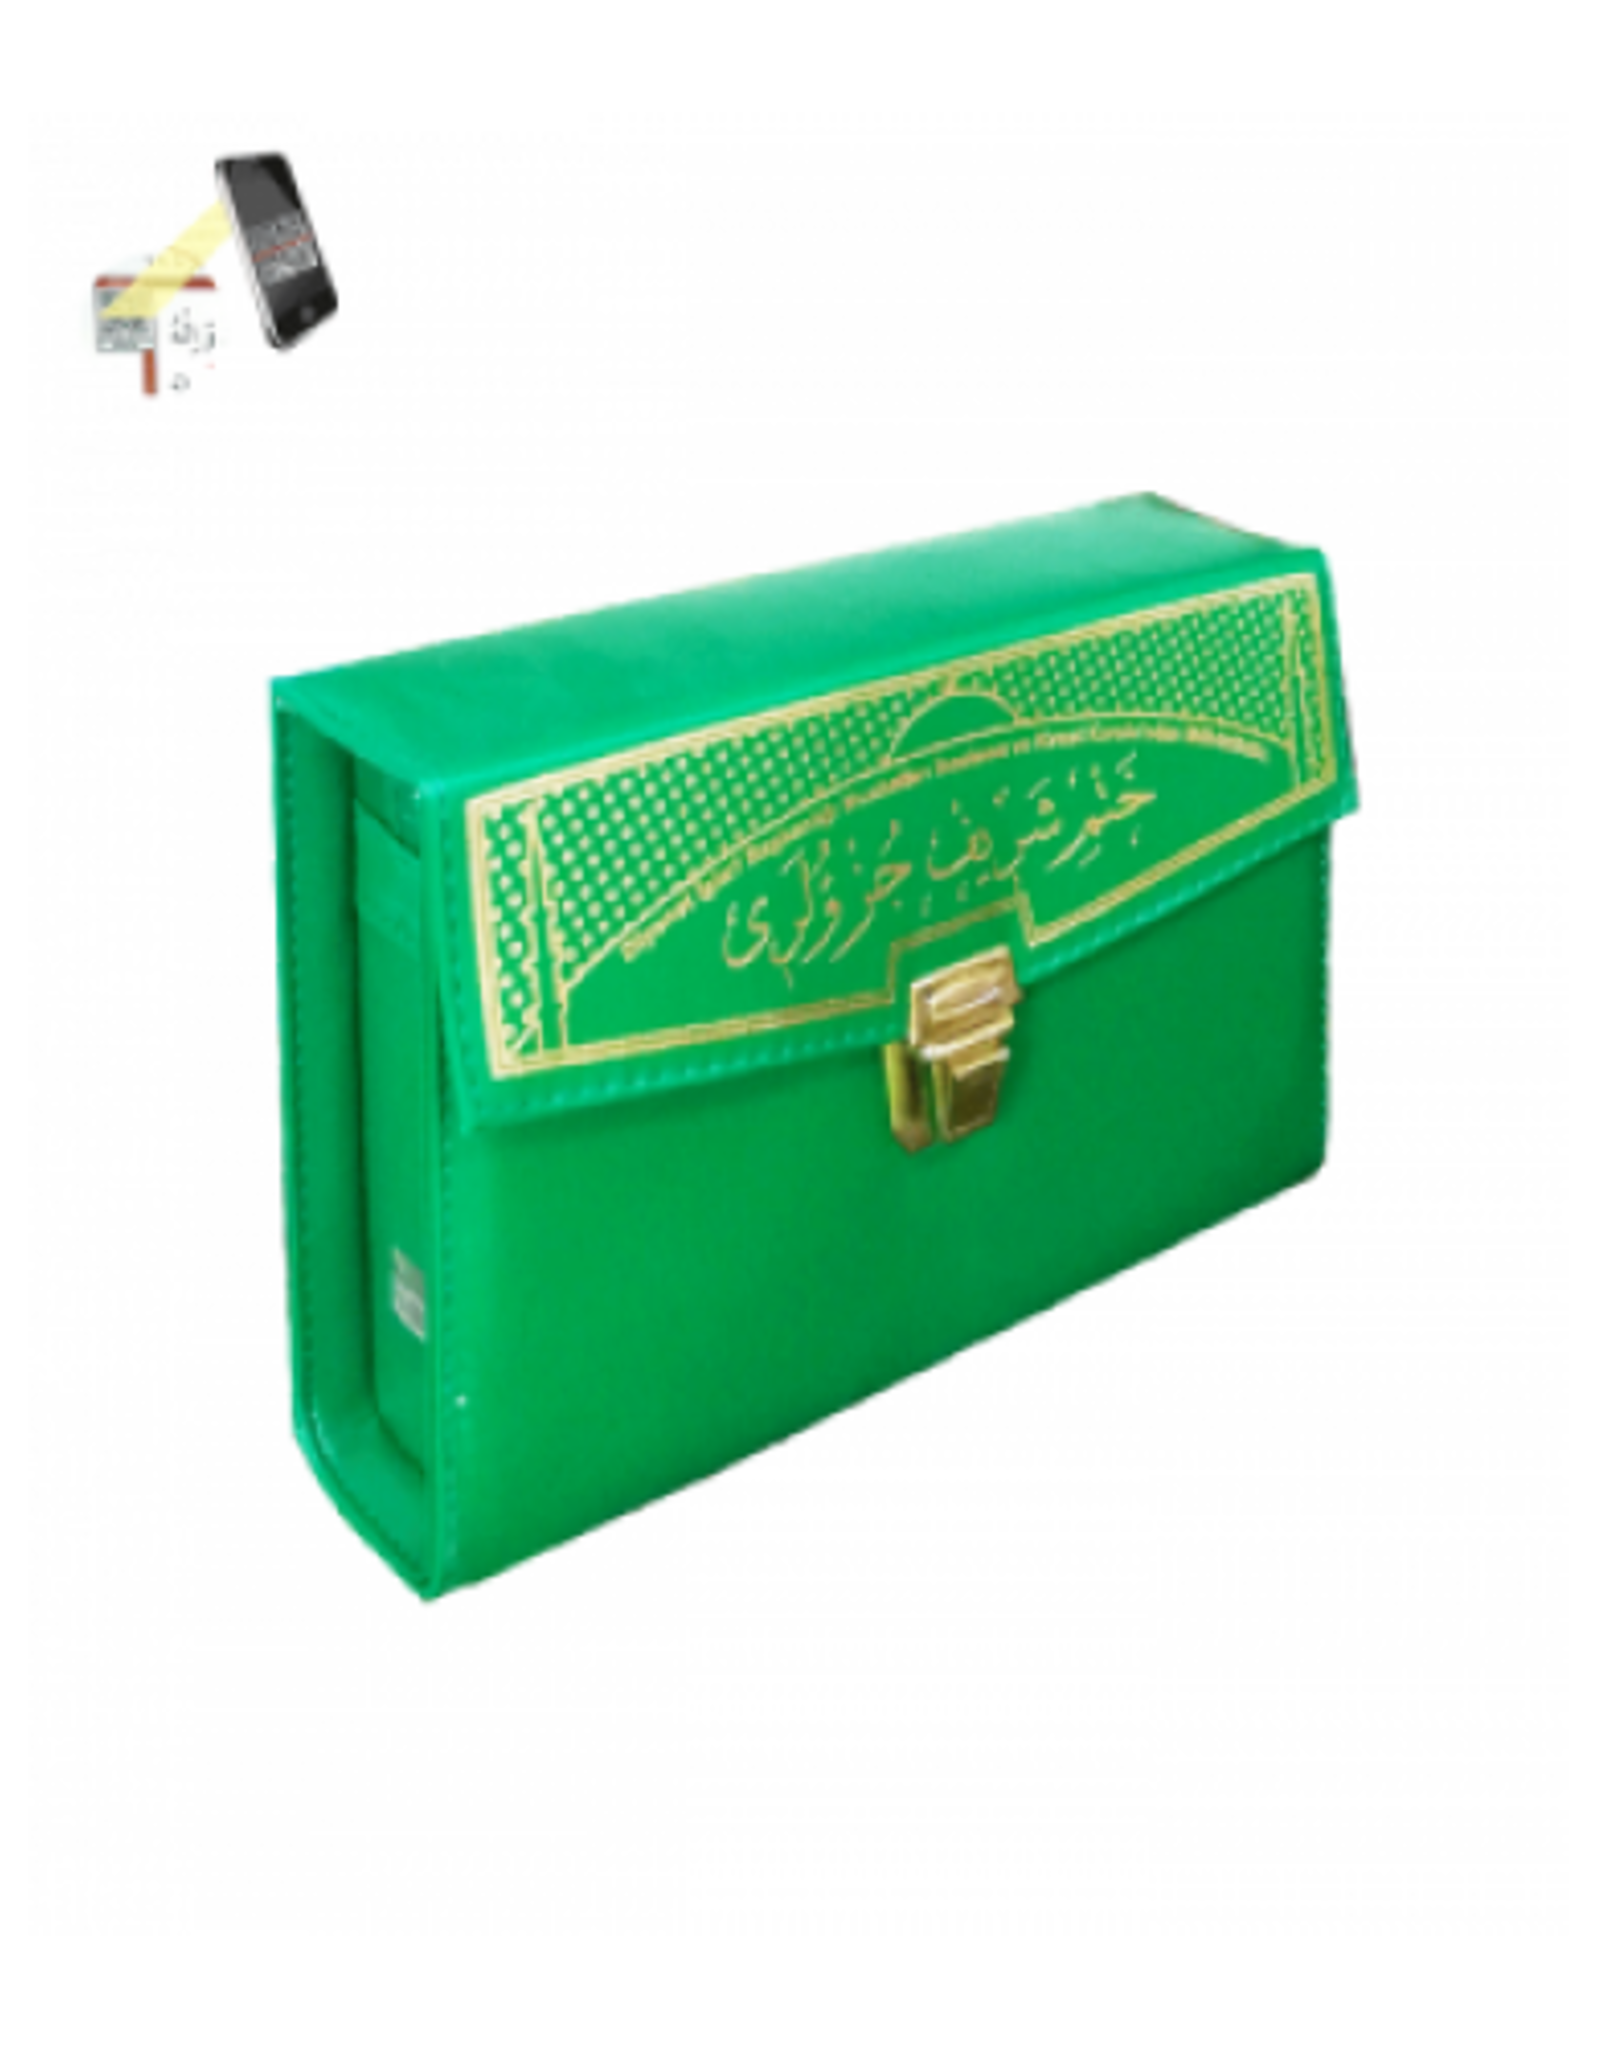 Kur'anı Kerim 30 Cüz Rahle boy Yeşil